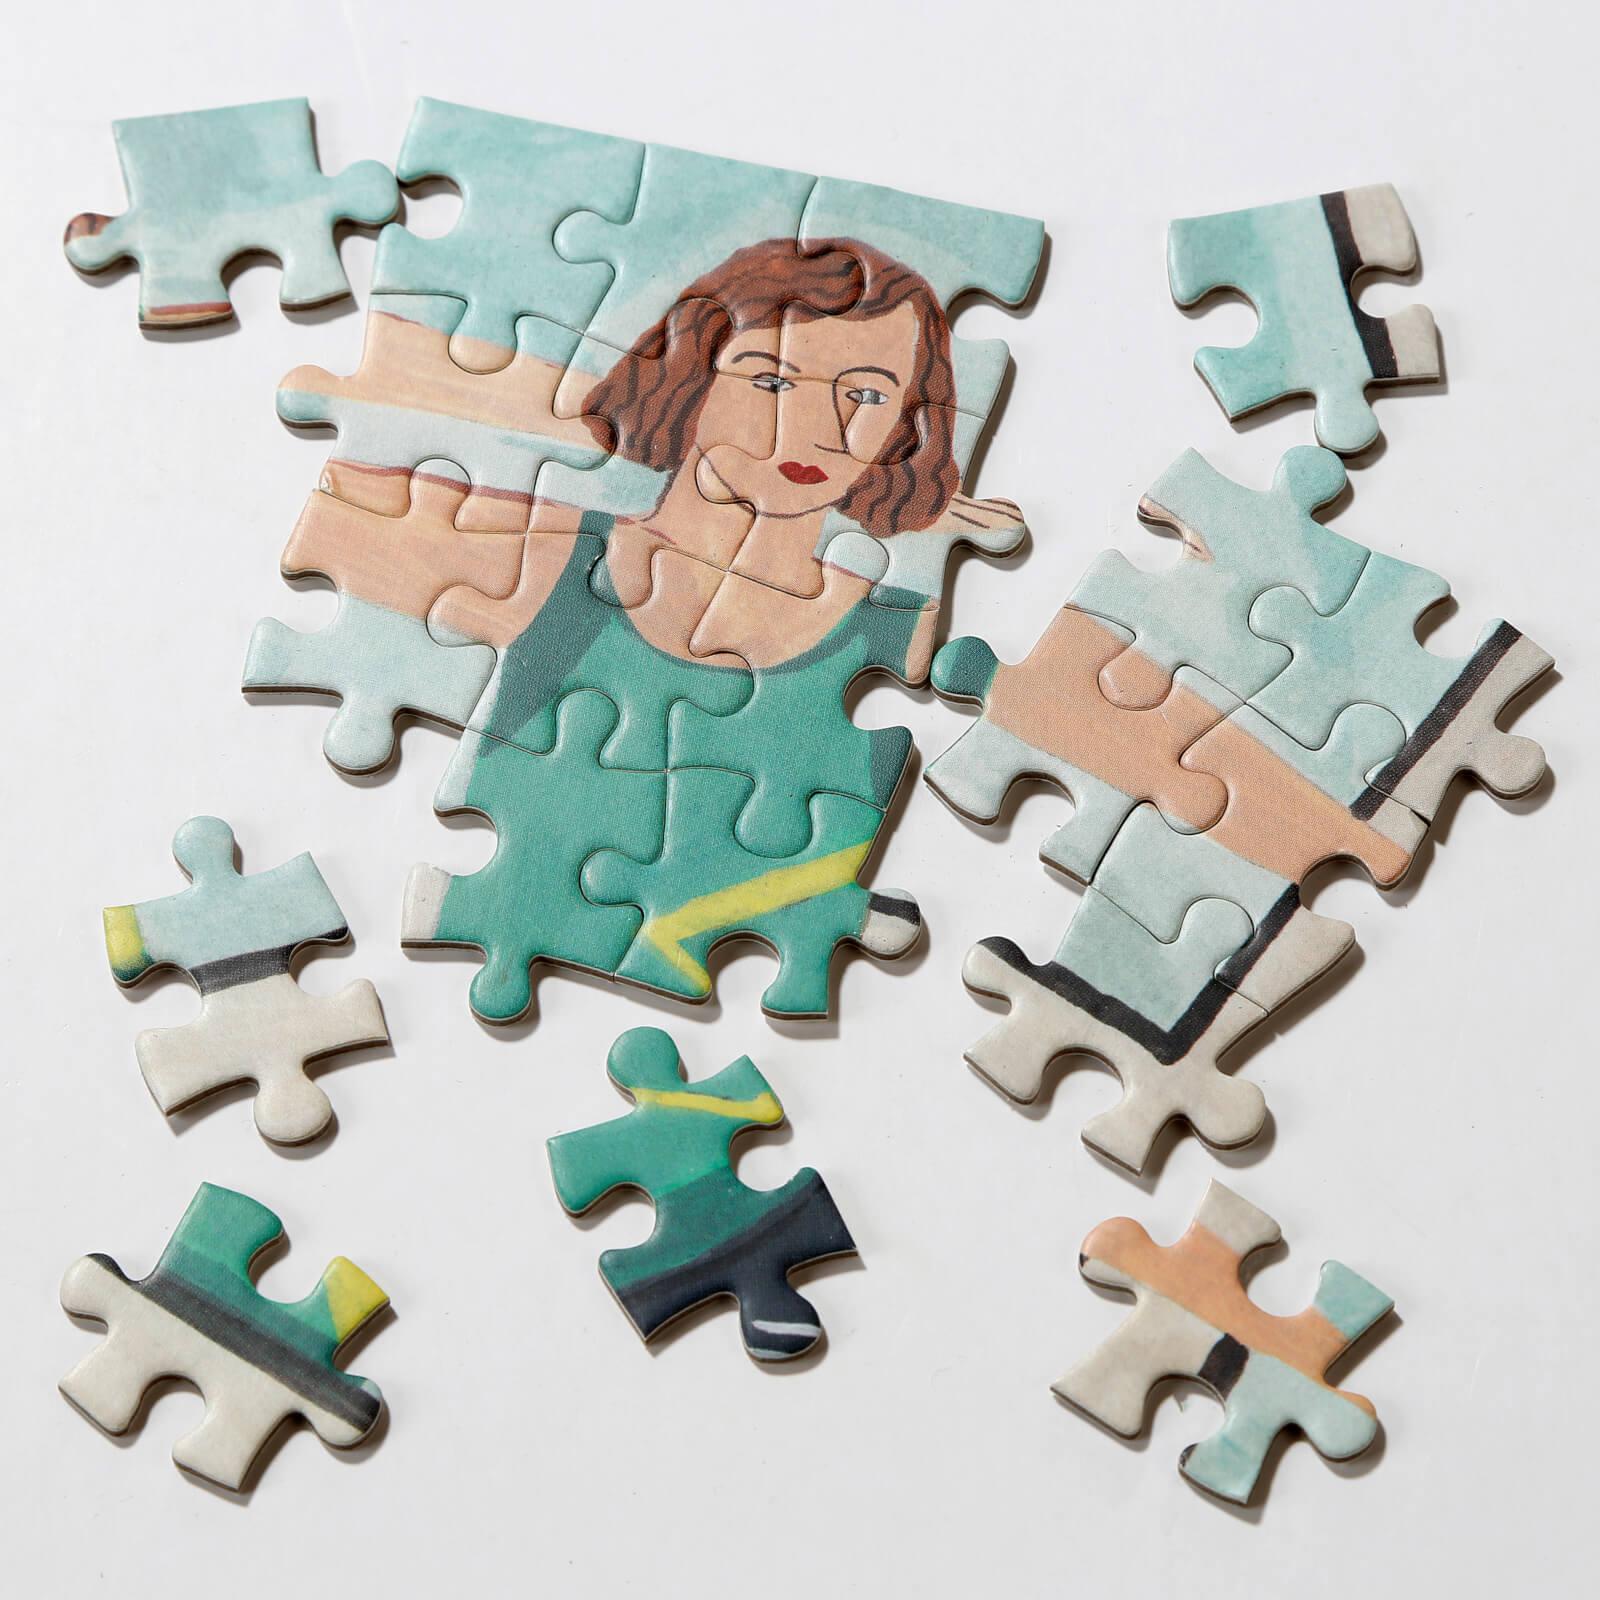 Image of Yoga Jigsaw Puzzle